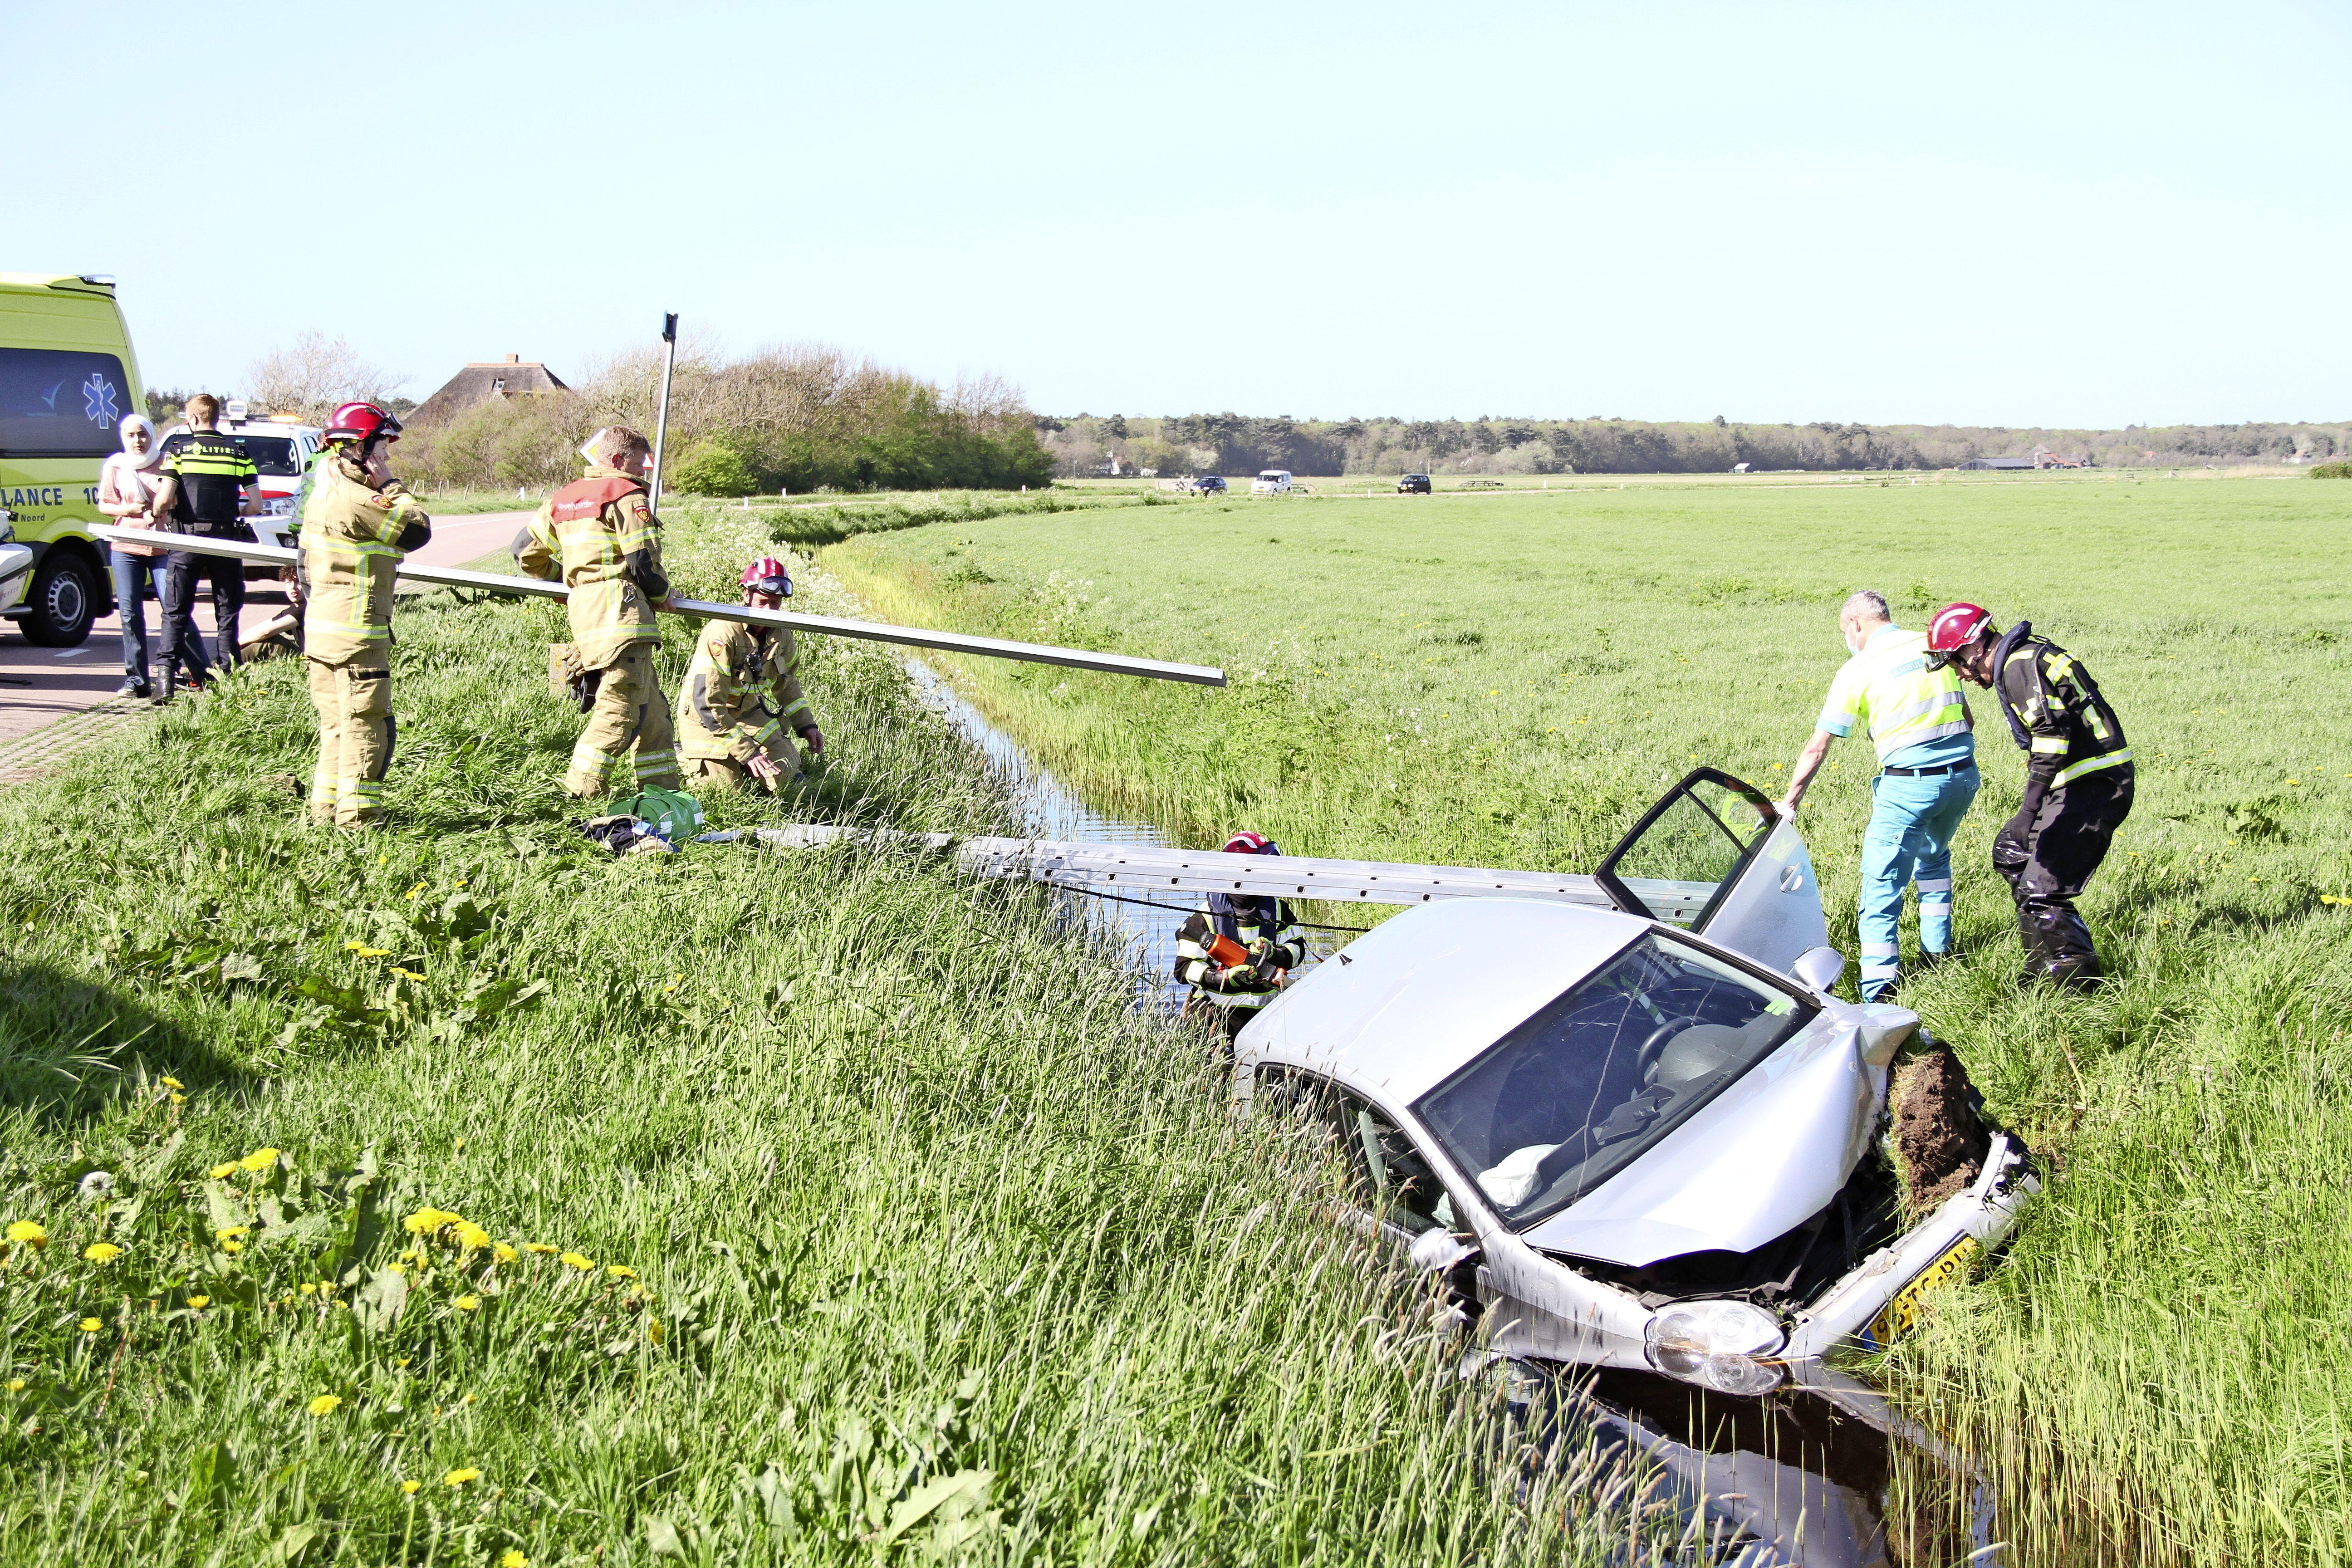 Zwaar ongeluk in Den Hoorn. Auto met vijf inzittenden raakt te water, allemaal naar ziekenhuis